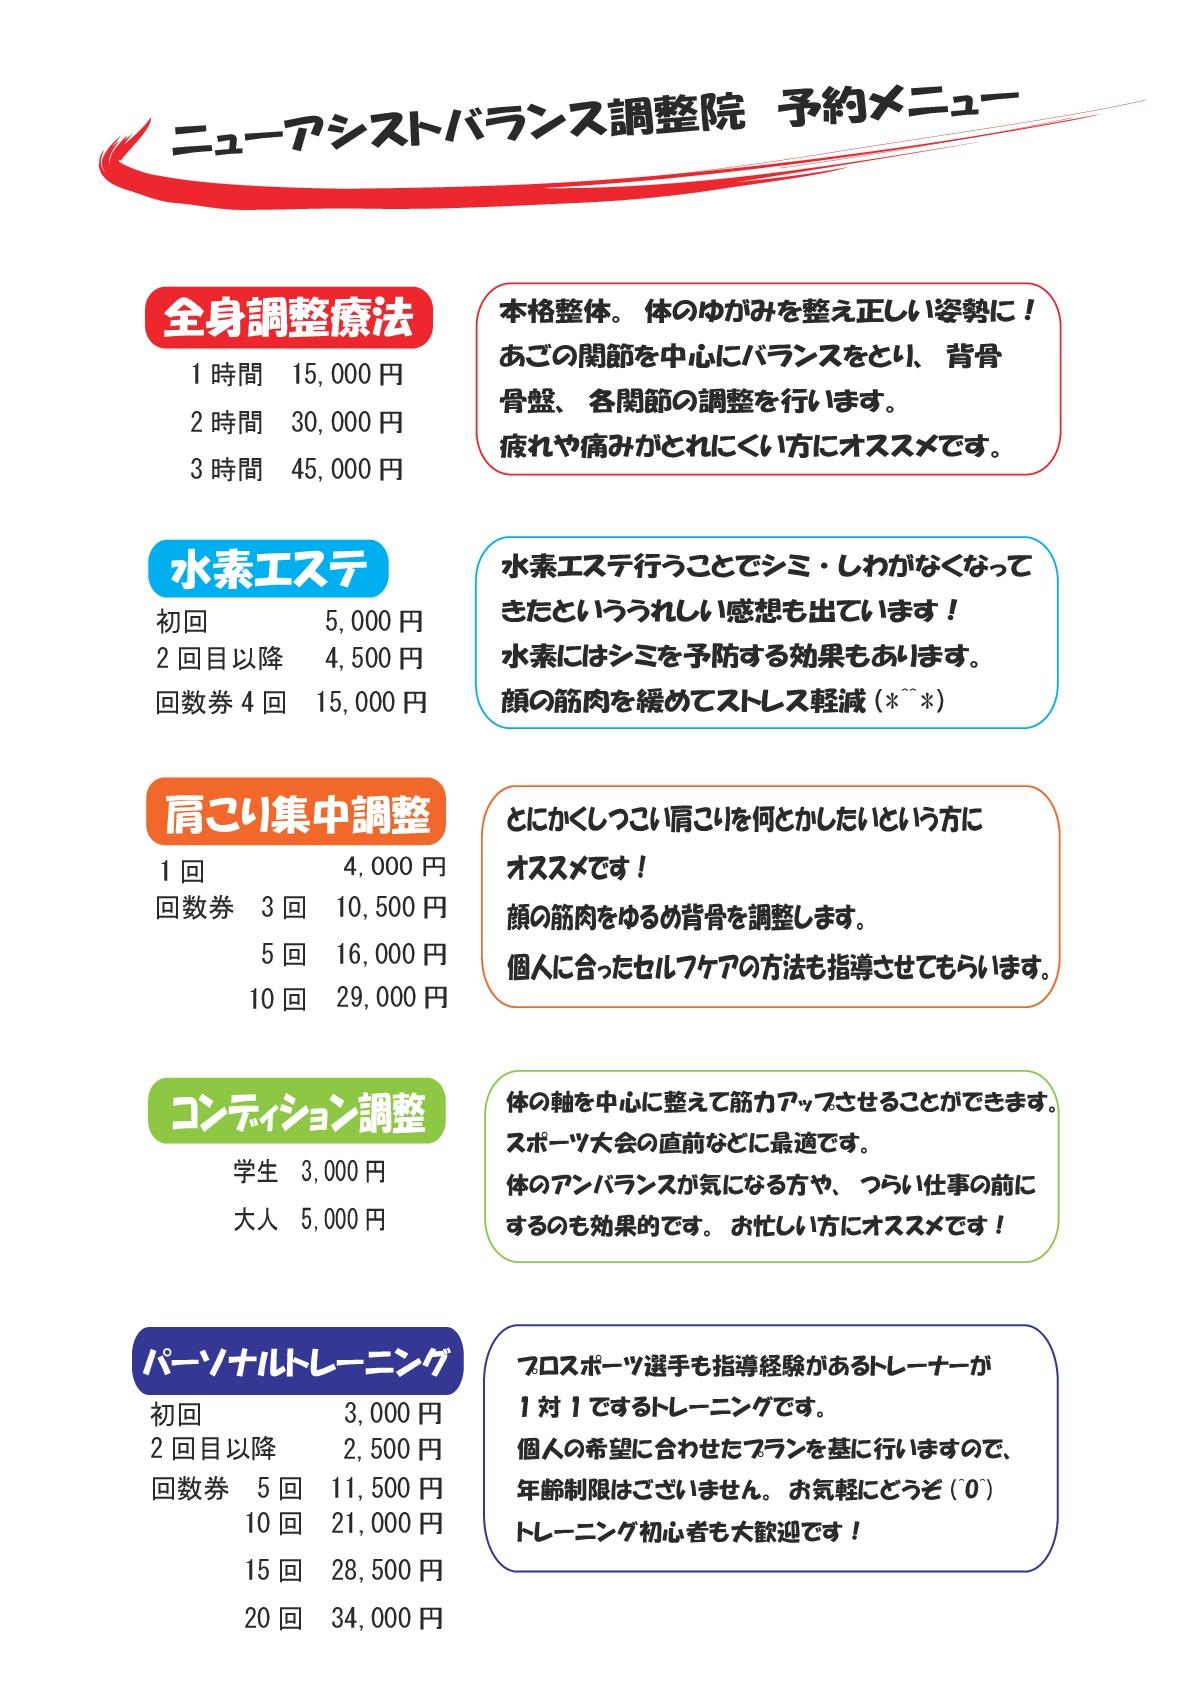 宣伝3メニュー fbー-001